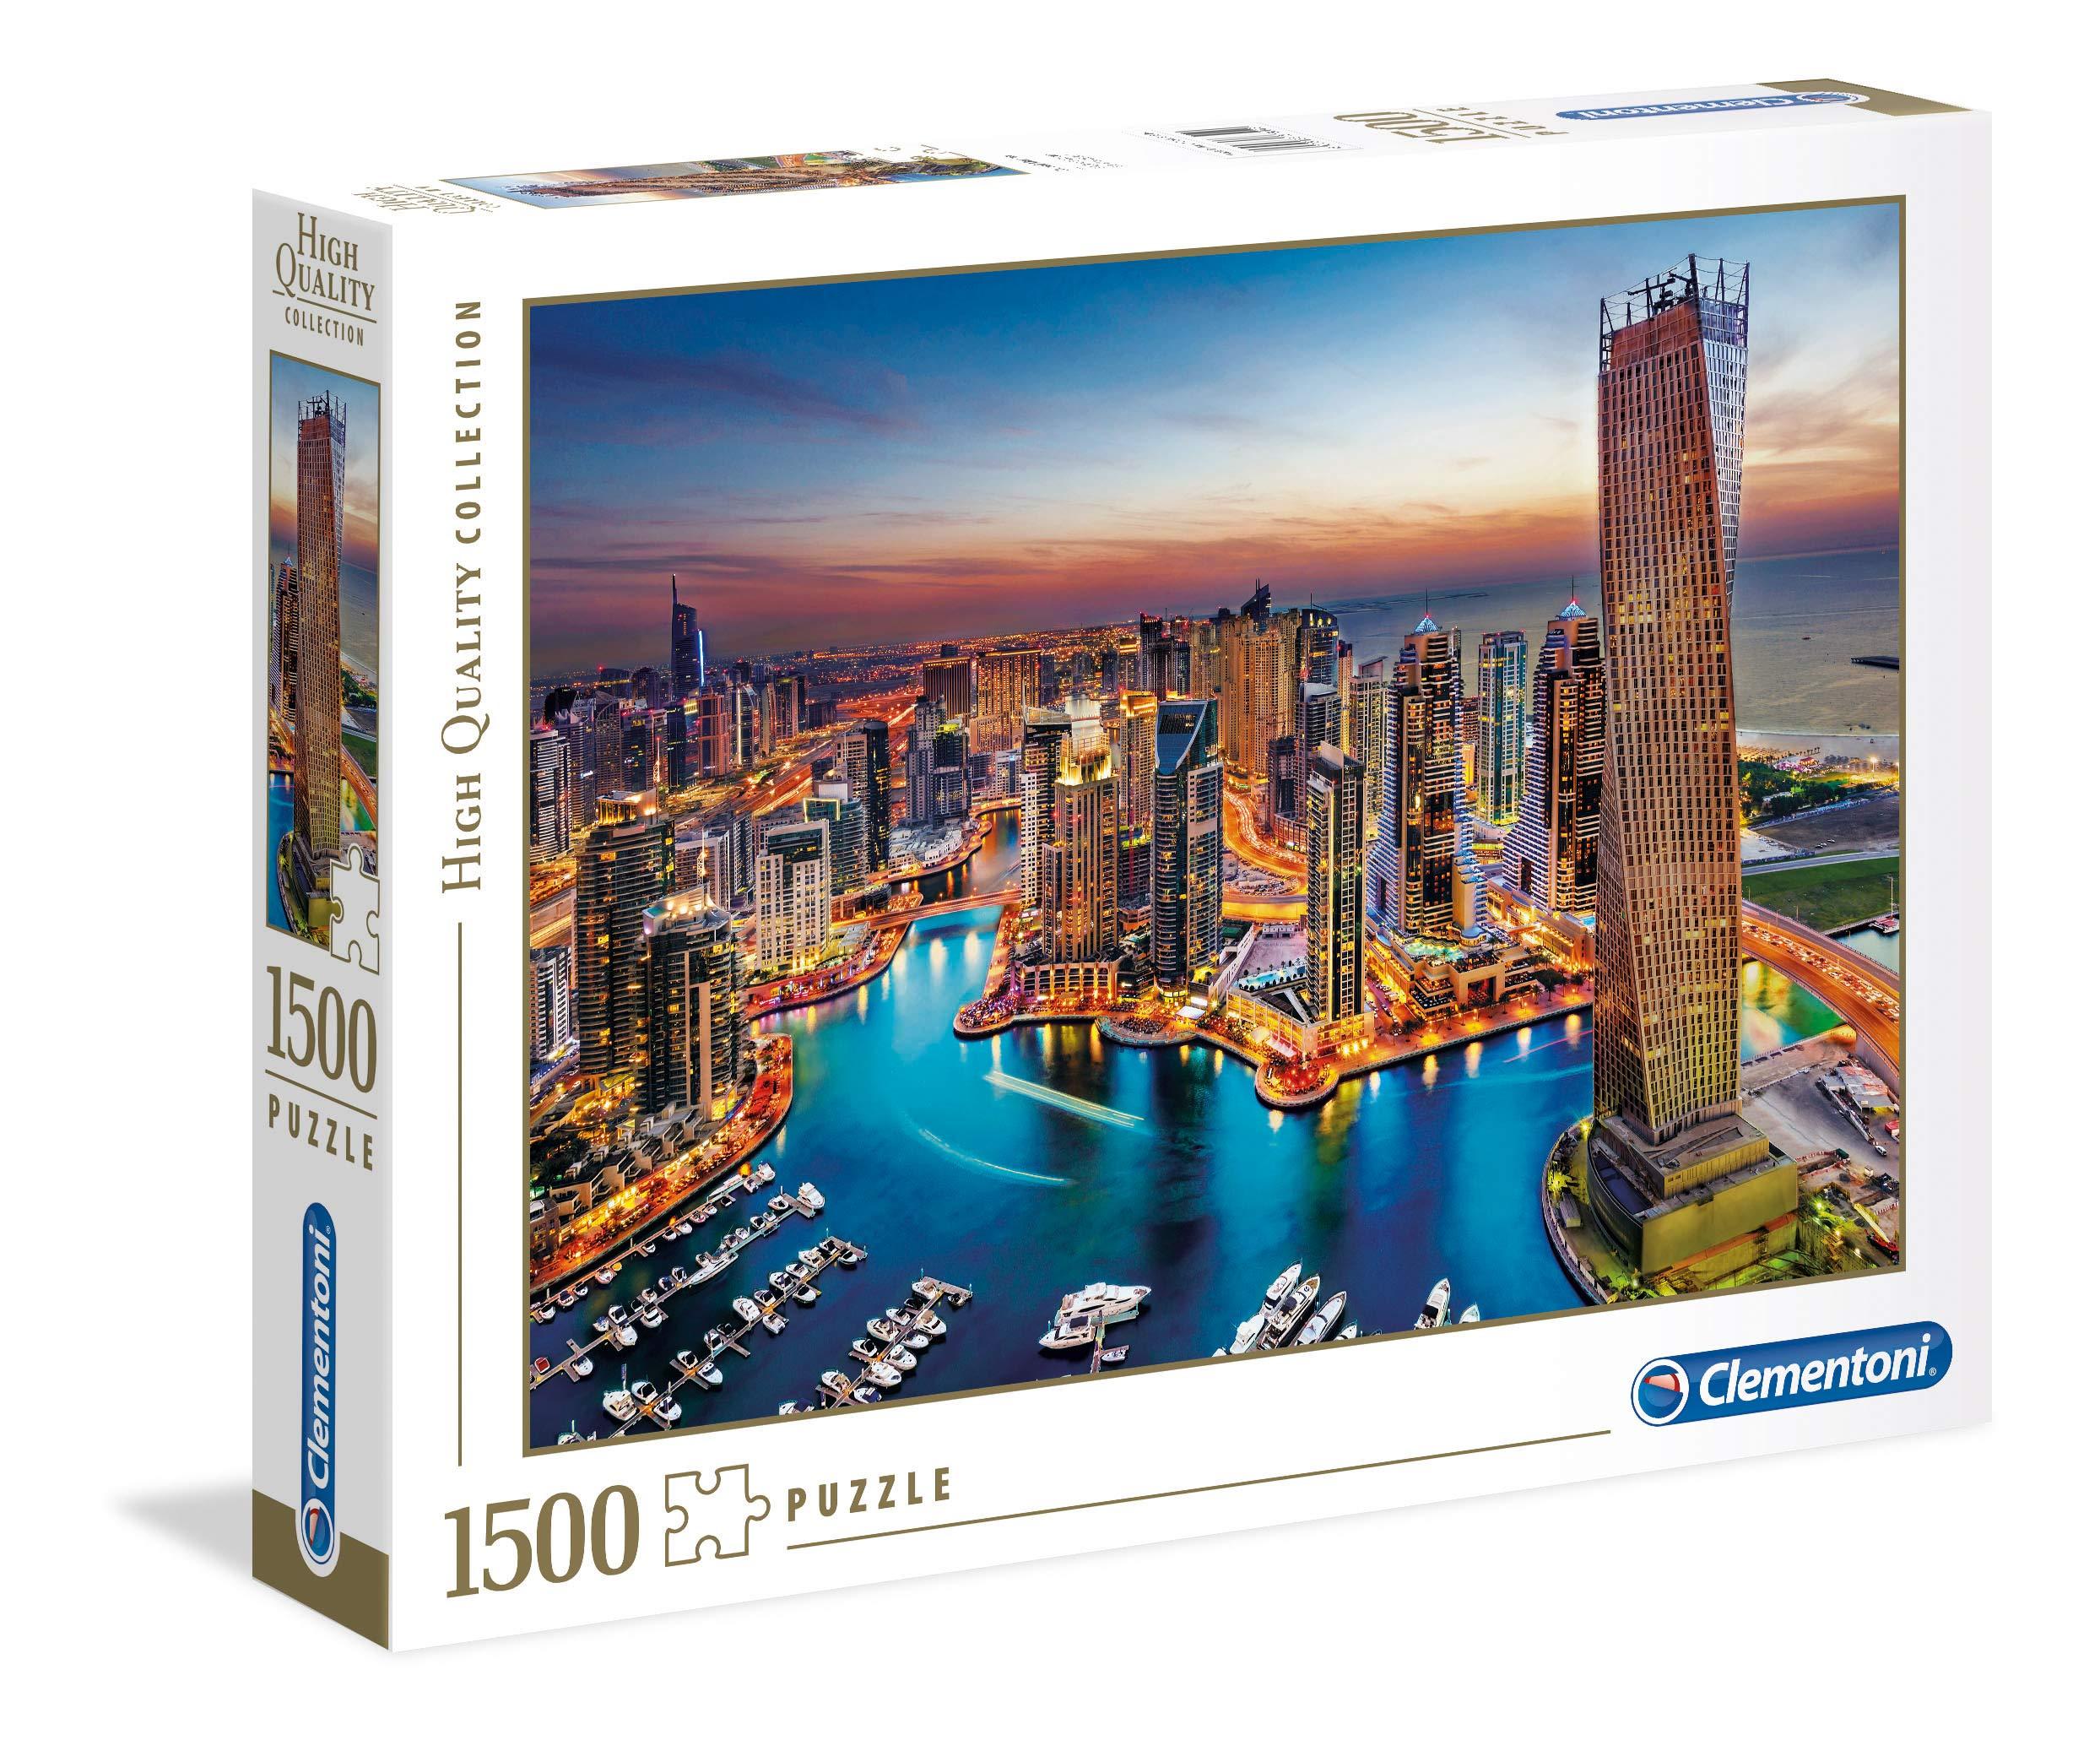 Clementoni 31814 HQC 1500pc Puzzle-Dubai Marina